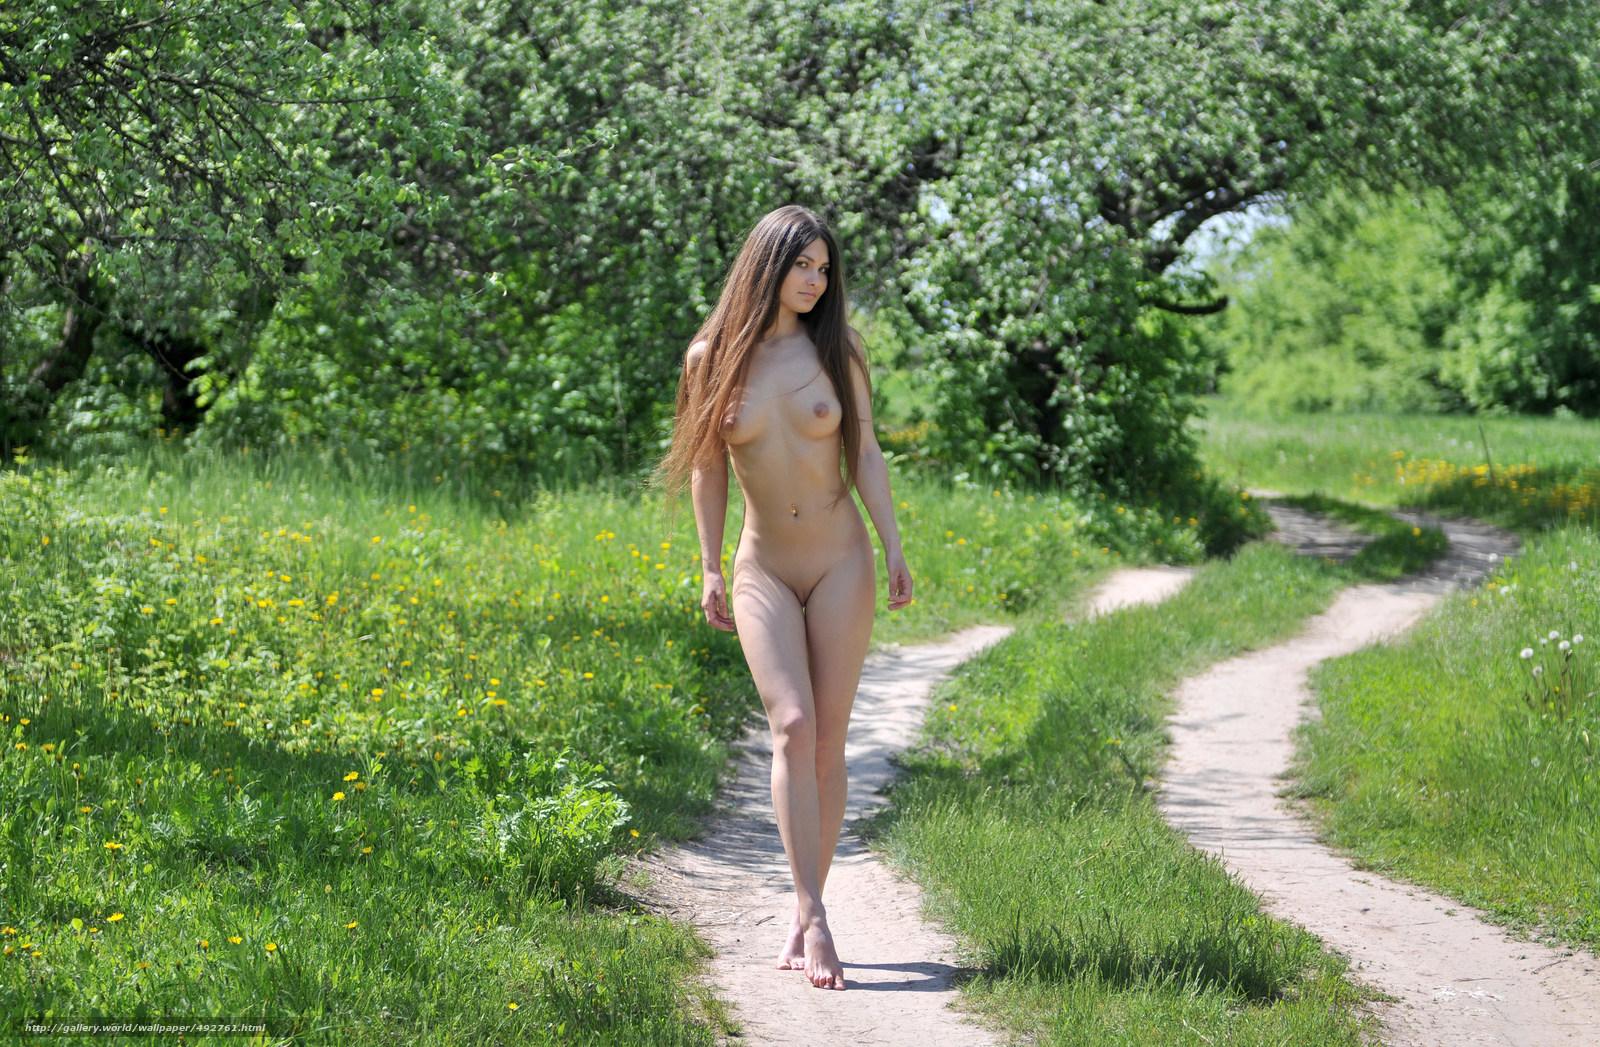 Смотреть бесплатно русские голые на улице фото 18 фотография